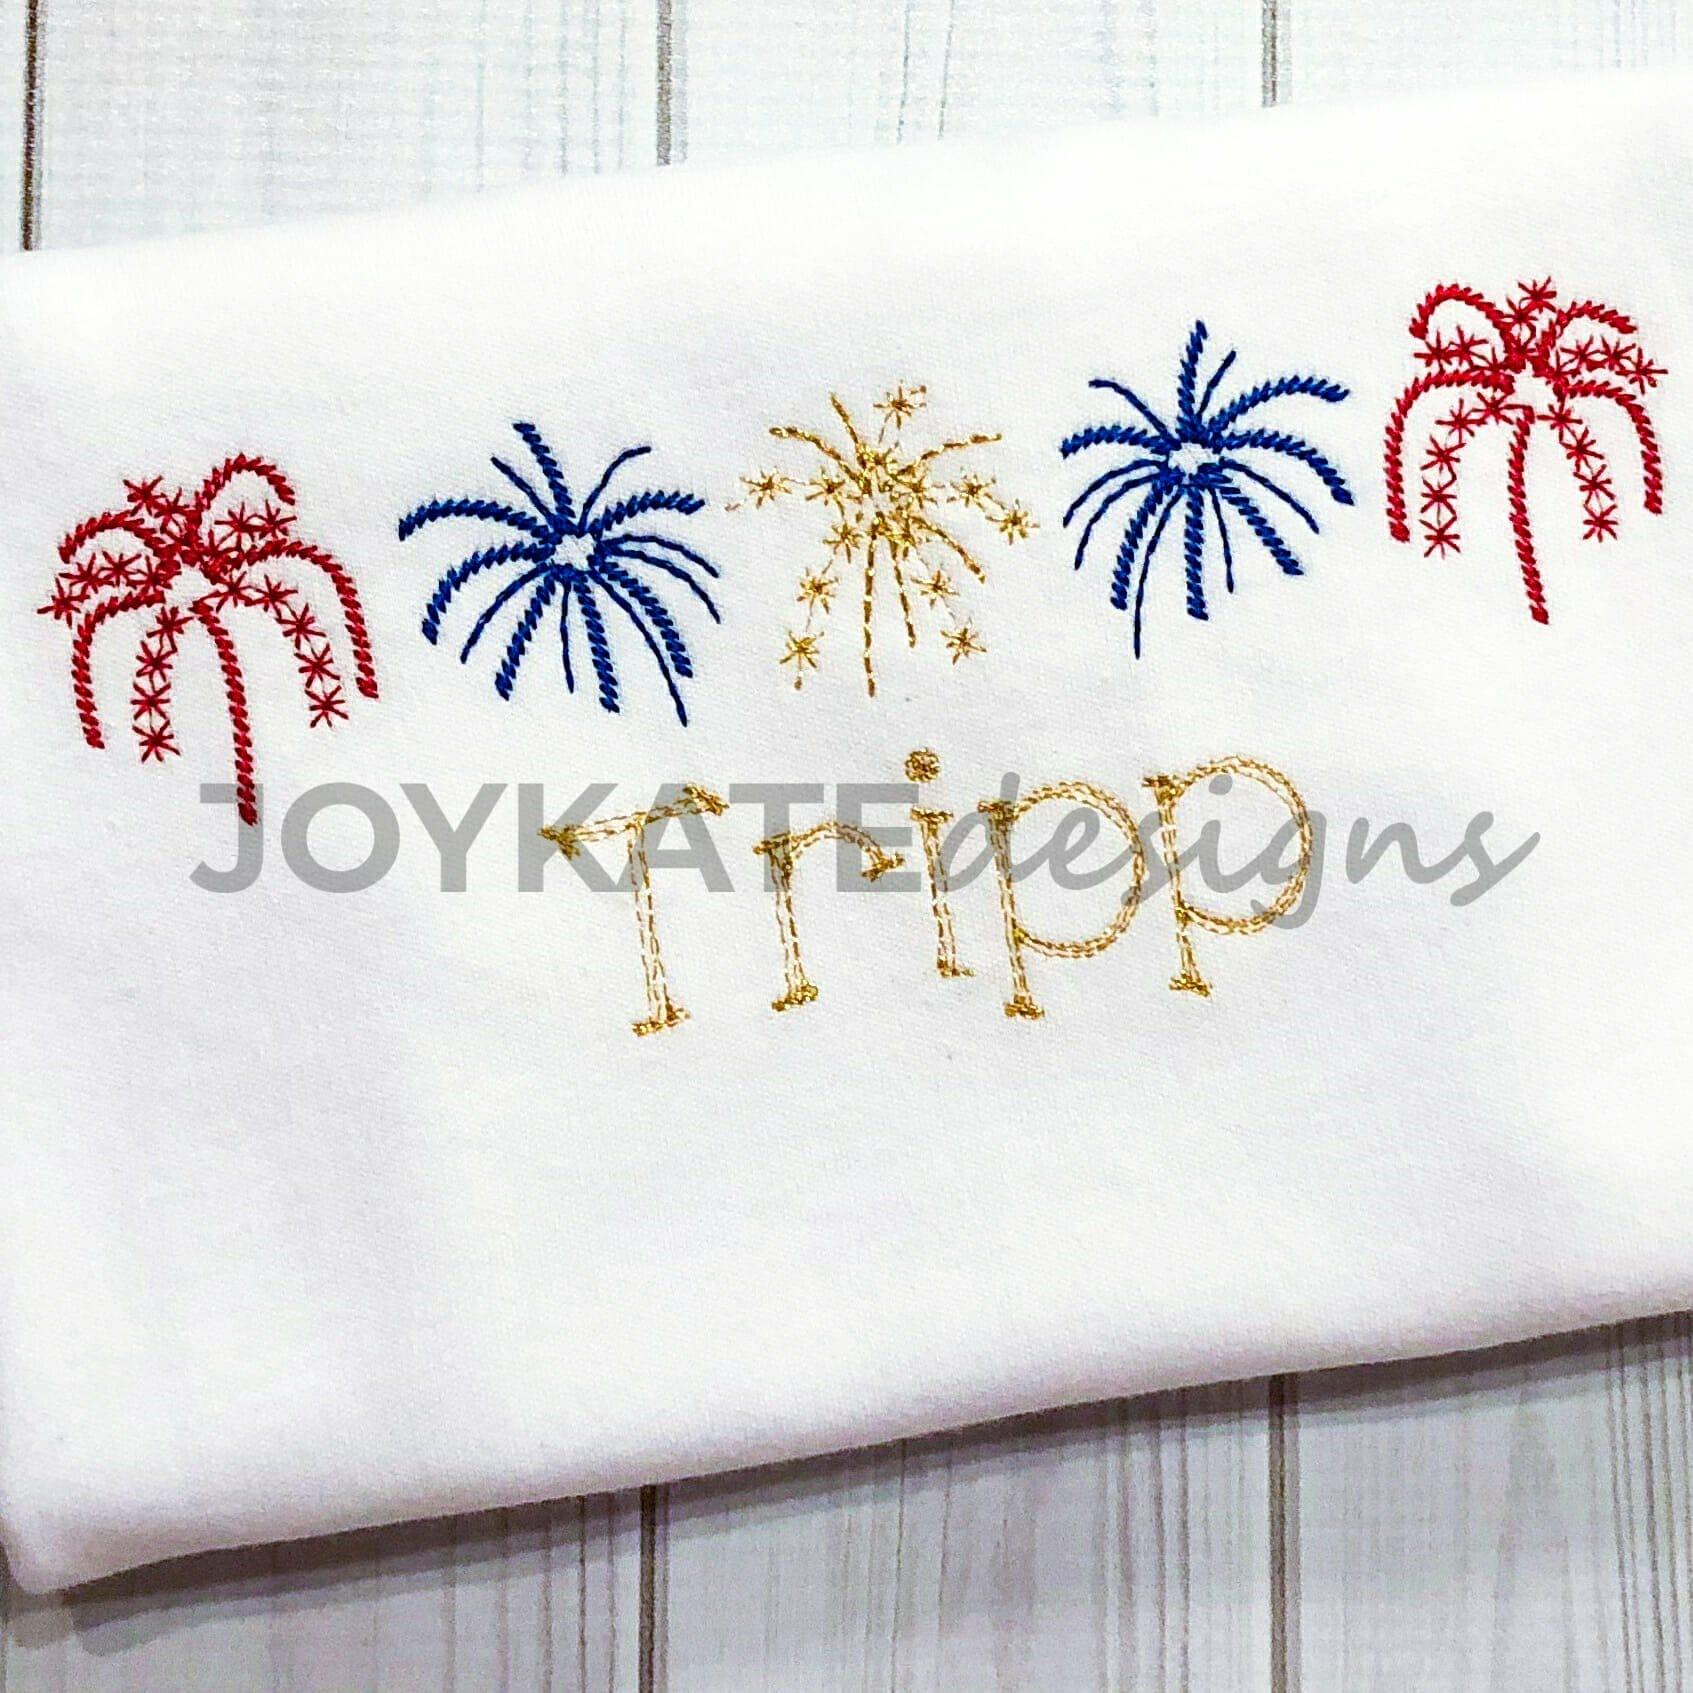 Sparklers Vintage Embroidery Design   Joy Kate Designs